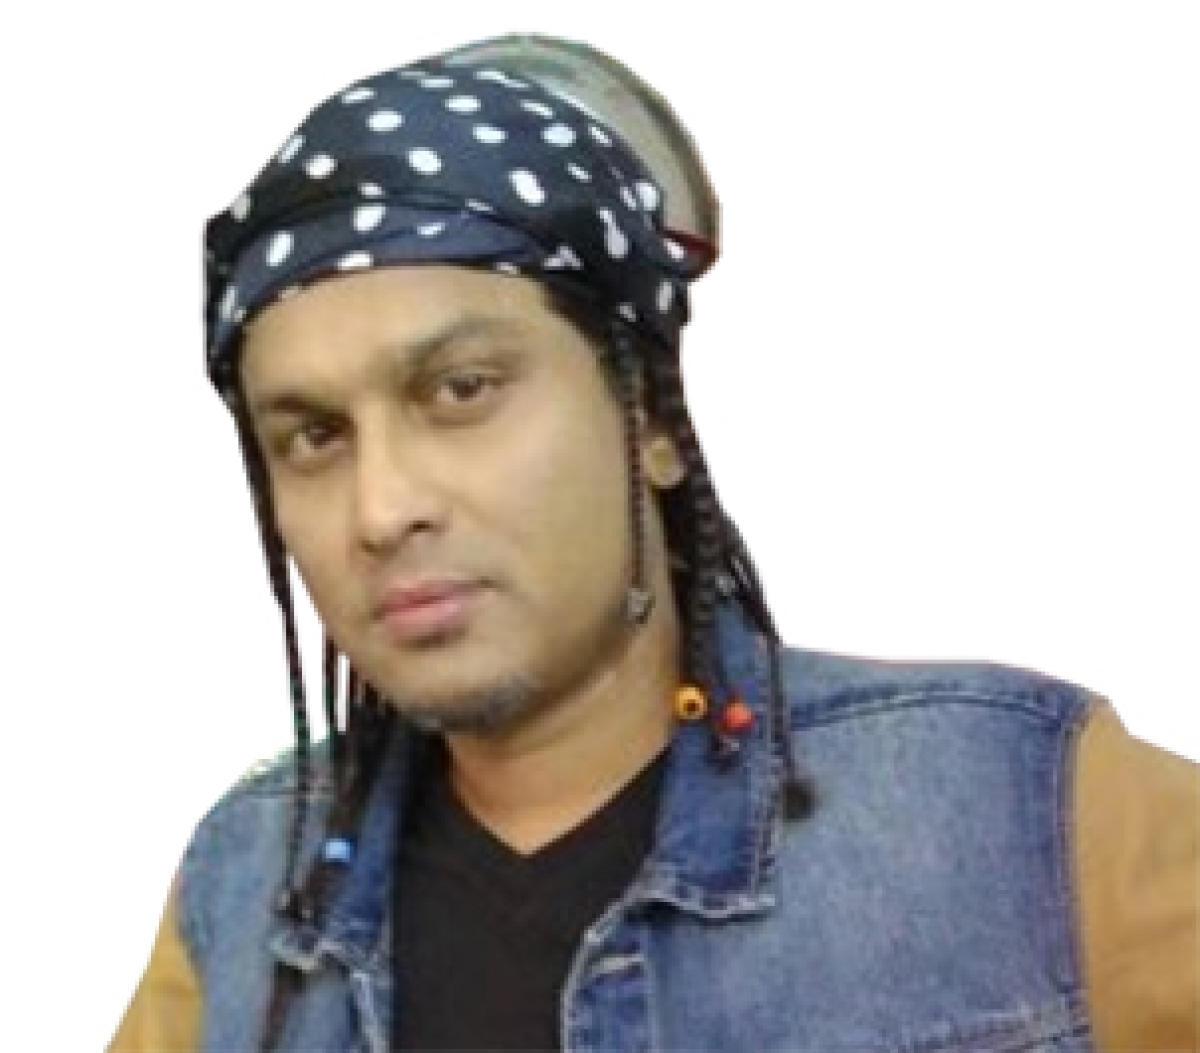 Popular Assam singer Zubeen Garg. File photo